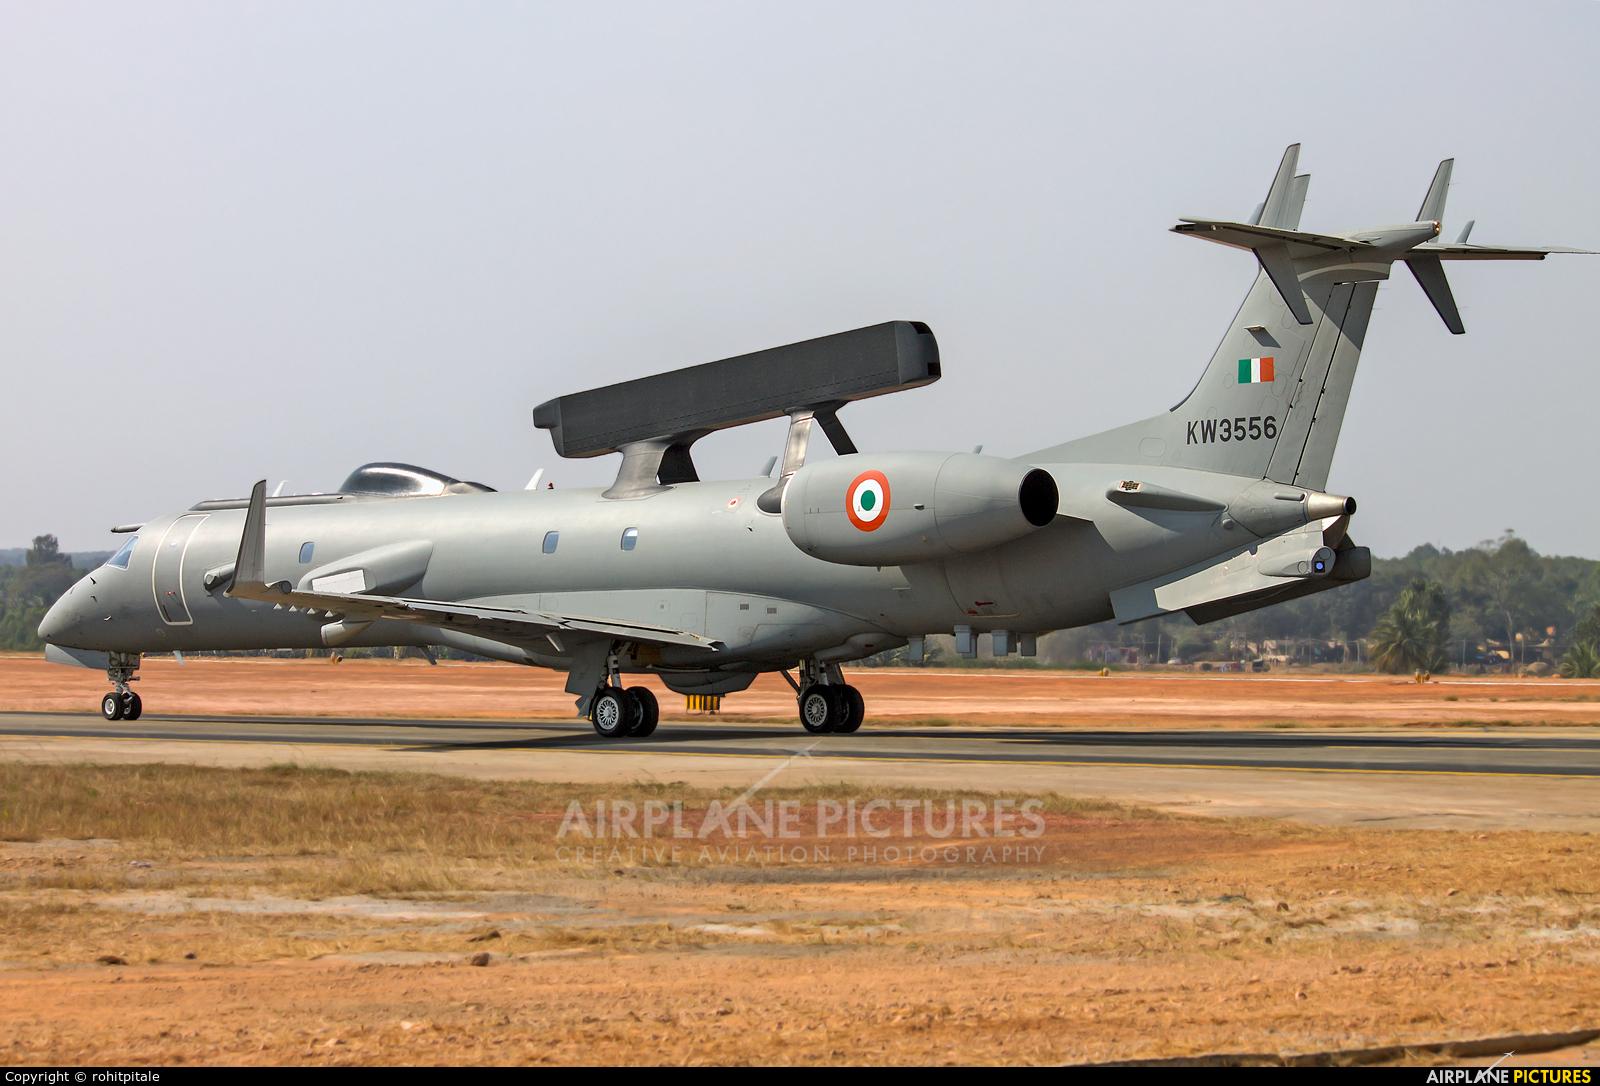 India - Air Force KW3556 aircraft at Yelahanka AFB